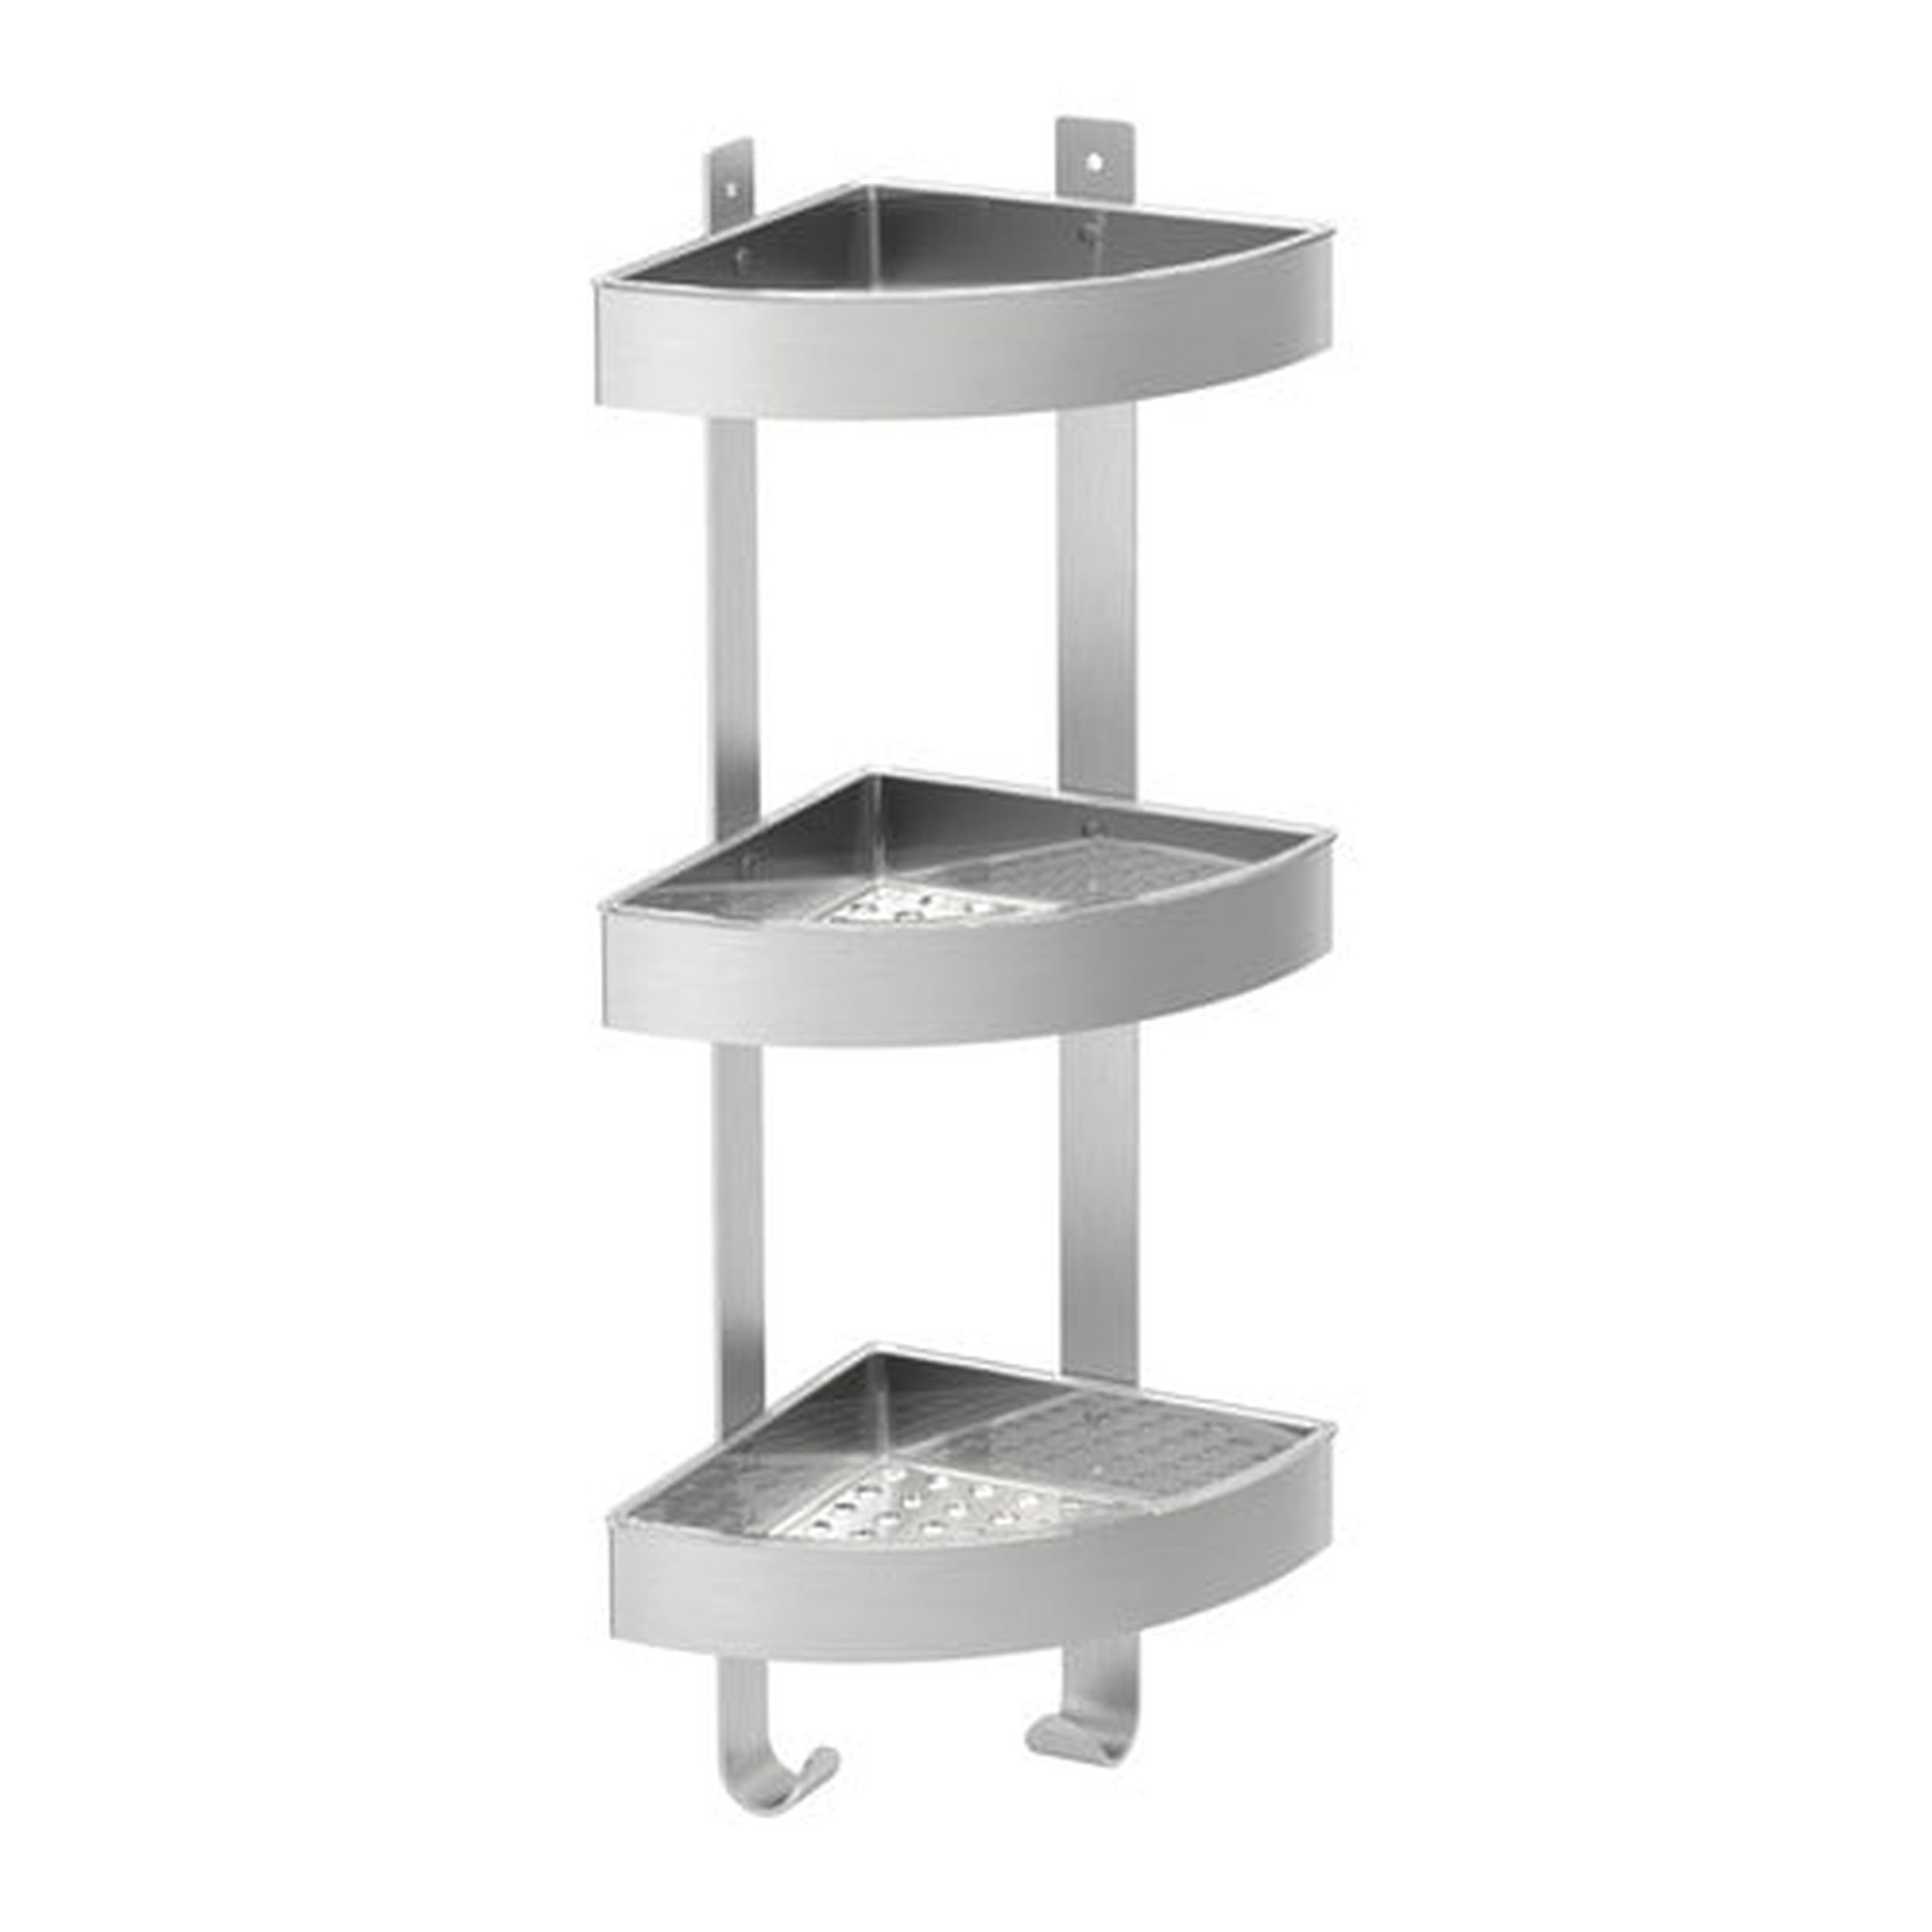 Ikea Grundtal Półka Pod Prysznic Półki Narożne 7485772275